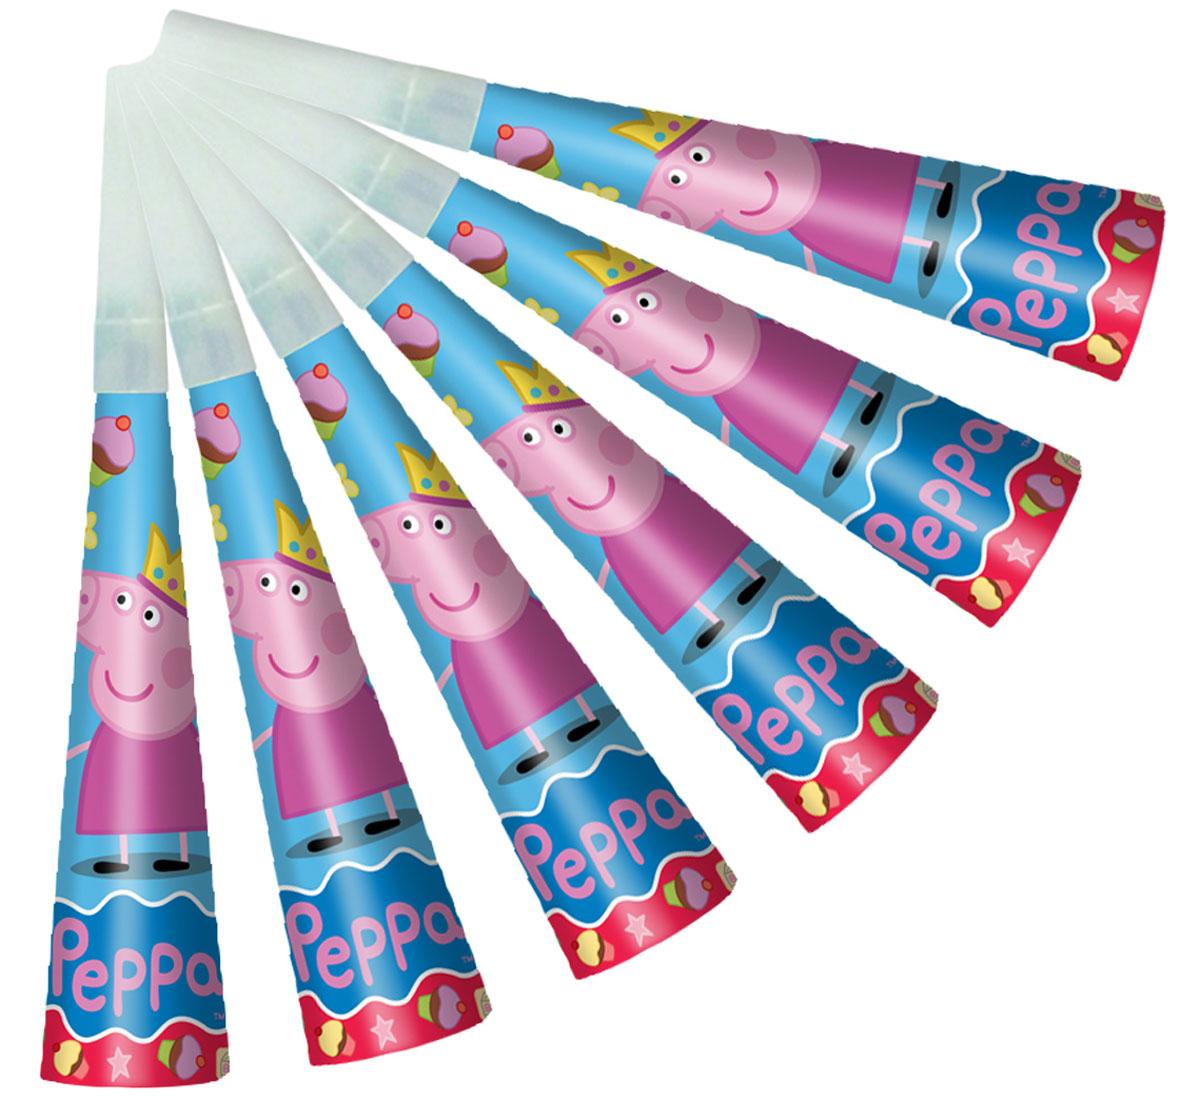 Peppa Pig Дудочка Пеппа-принцесса 6 шт28557Забавные дудочки Пеппа-принцесса ТМ Свинка Пеппа развеселят ребятишек, помогут устроить множество интересных игр и конкурсов и будут активно способствовать развитию их дыхательной системы, что очень полезно для здоровья. В наборе 6 бумажных дудочек, декорированных ярким принтом. Вы также можете выбрать другие товары из данной серии: стаканы, тарелки, салфетки, язычки, колпаки, подарочный набор посуды, приглашение в конверте, скатерть, тиары, хлопушки и другие товары.